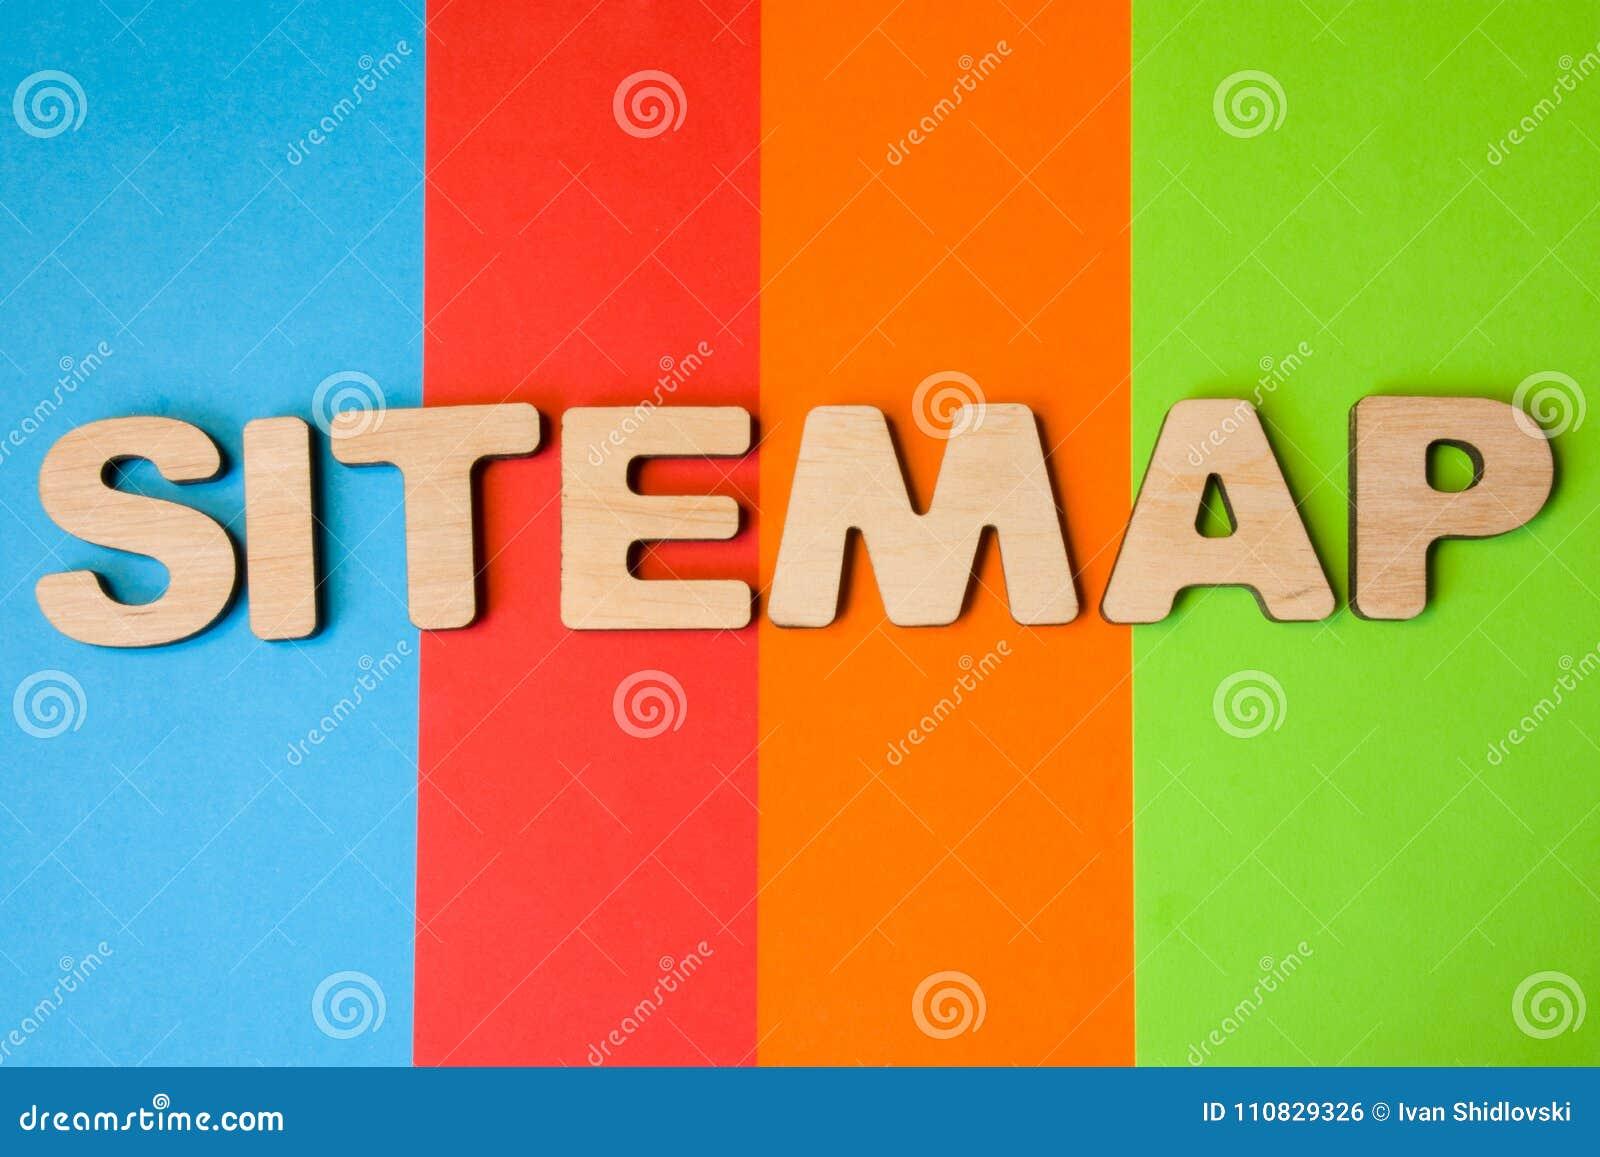 Exprima Sitemap de grandes letras de madeira em um fundo colorido de 4 cores: azul, alaranjado, vermelho e verde Sitemap do conce